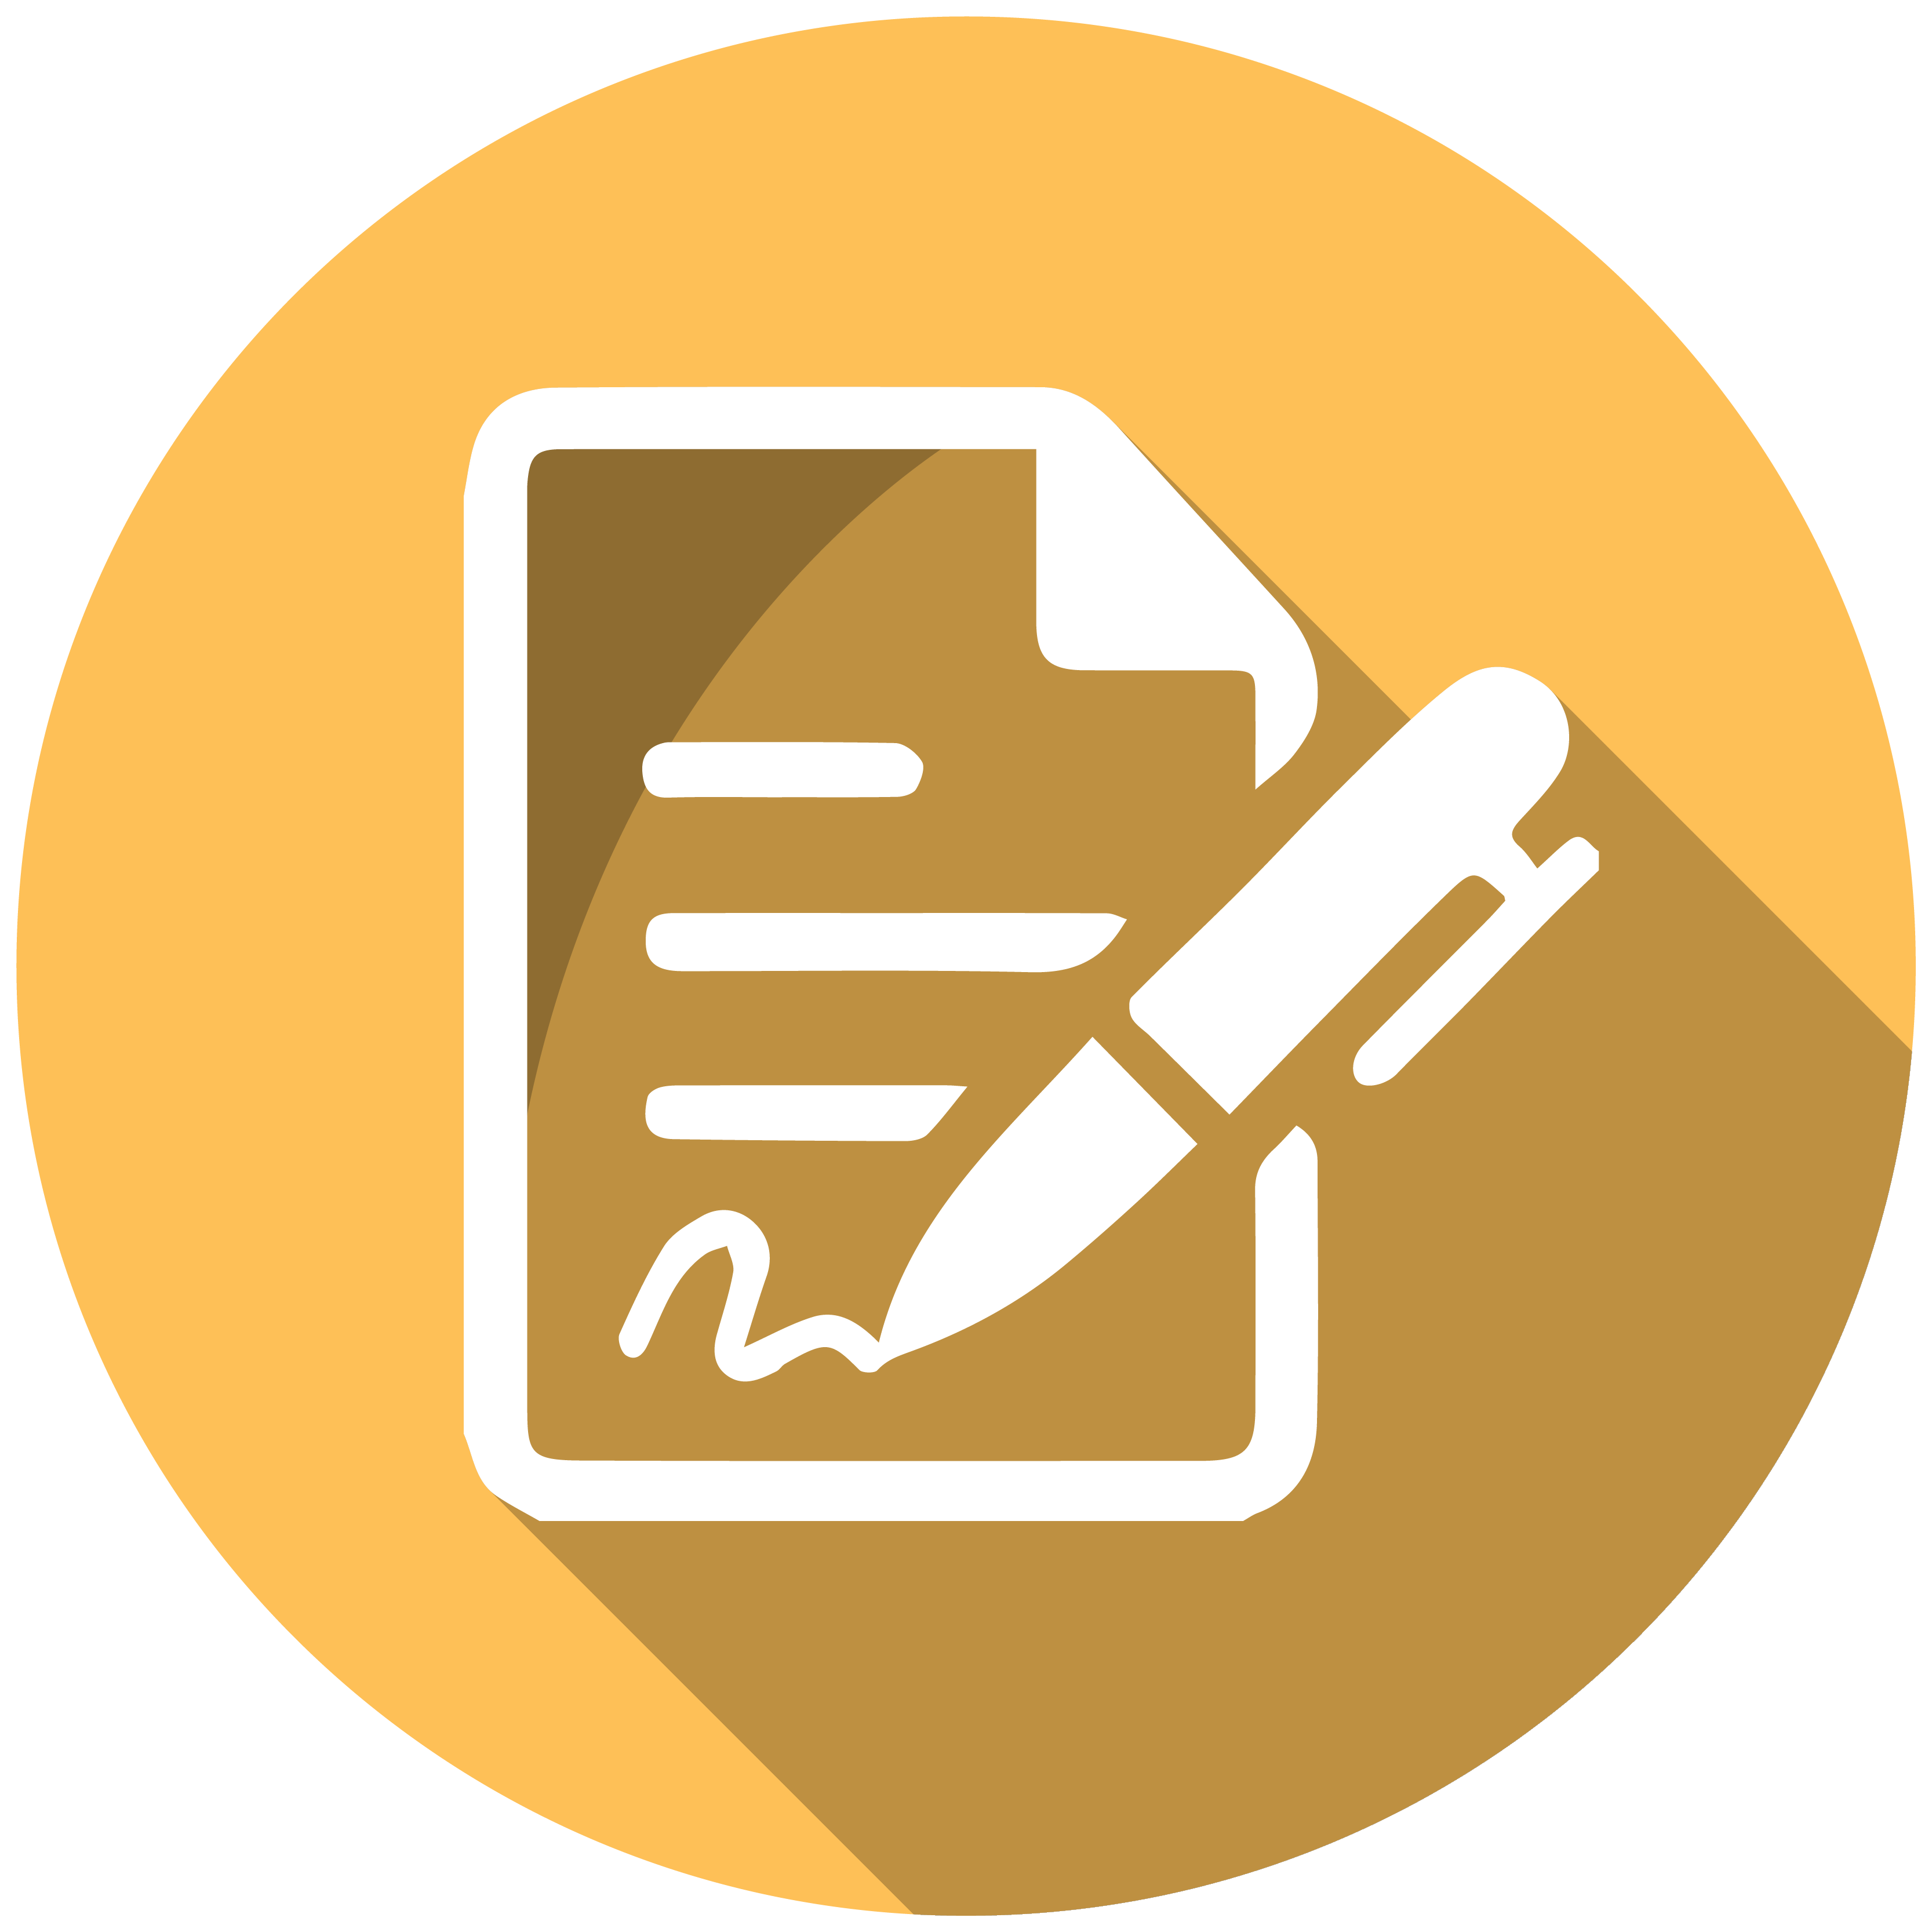 دانلود تحقیق مطالعه سیستم صف در شعب امور مشترکین تلفن همراه -کامل و جامع